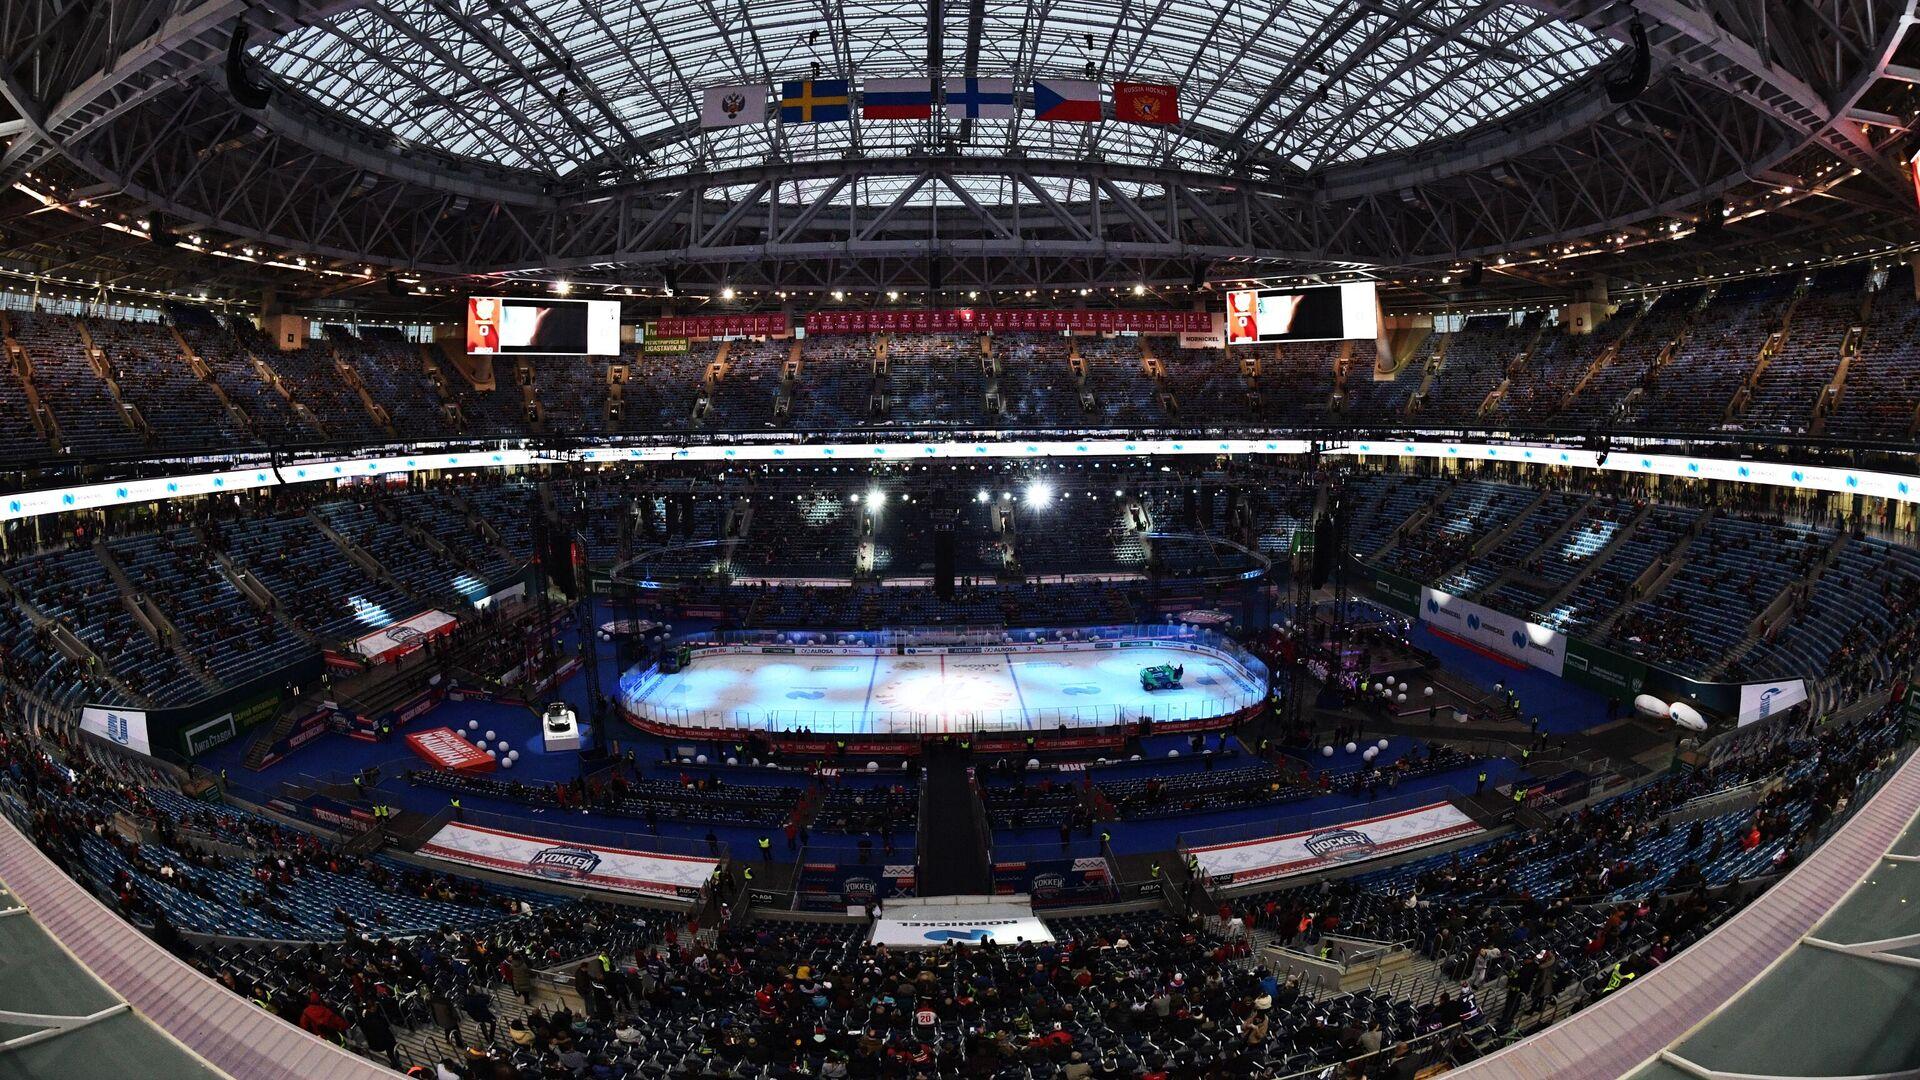 Стадион Газпром Арена перед началом матча Россия – Финляндия - РИА Новости, 1920, 21.04.2020